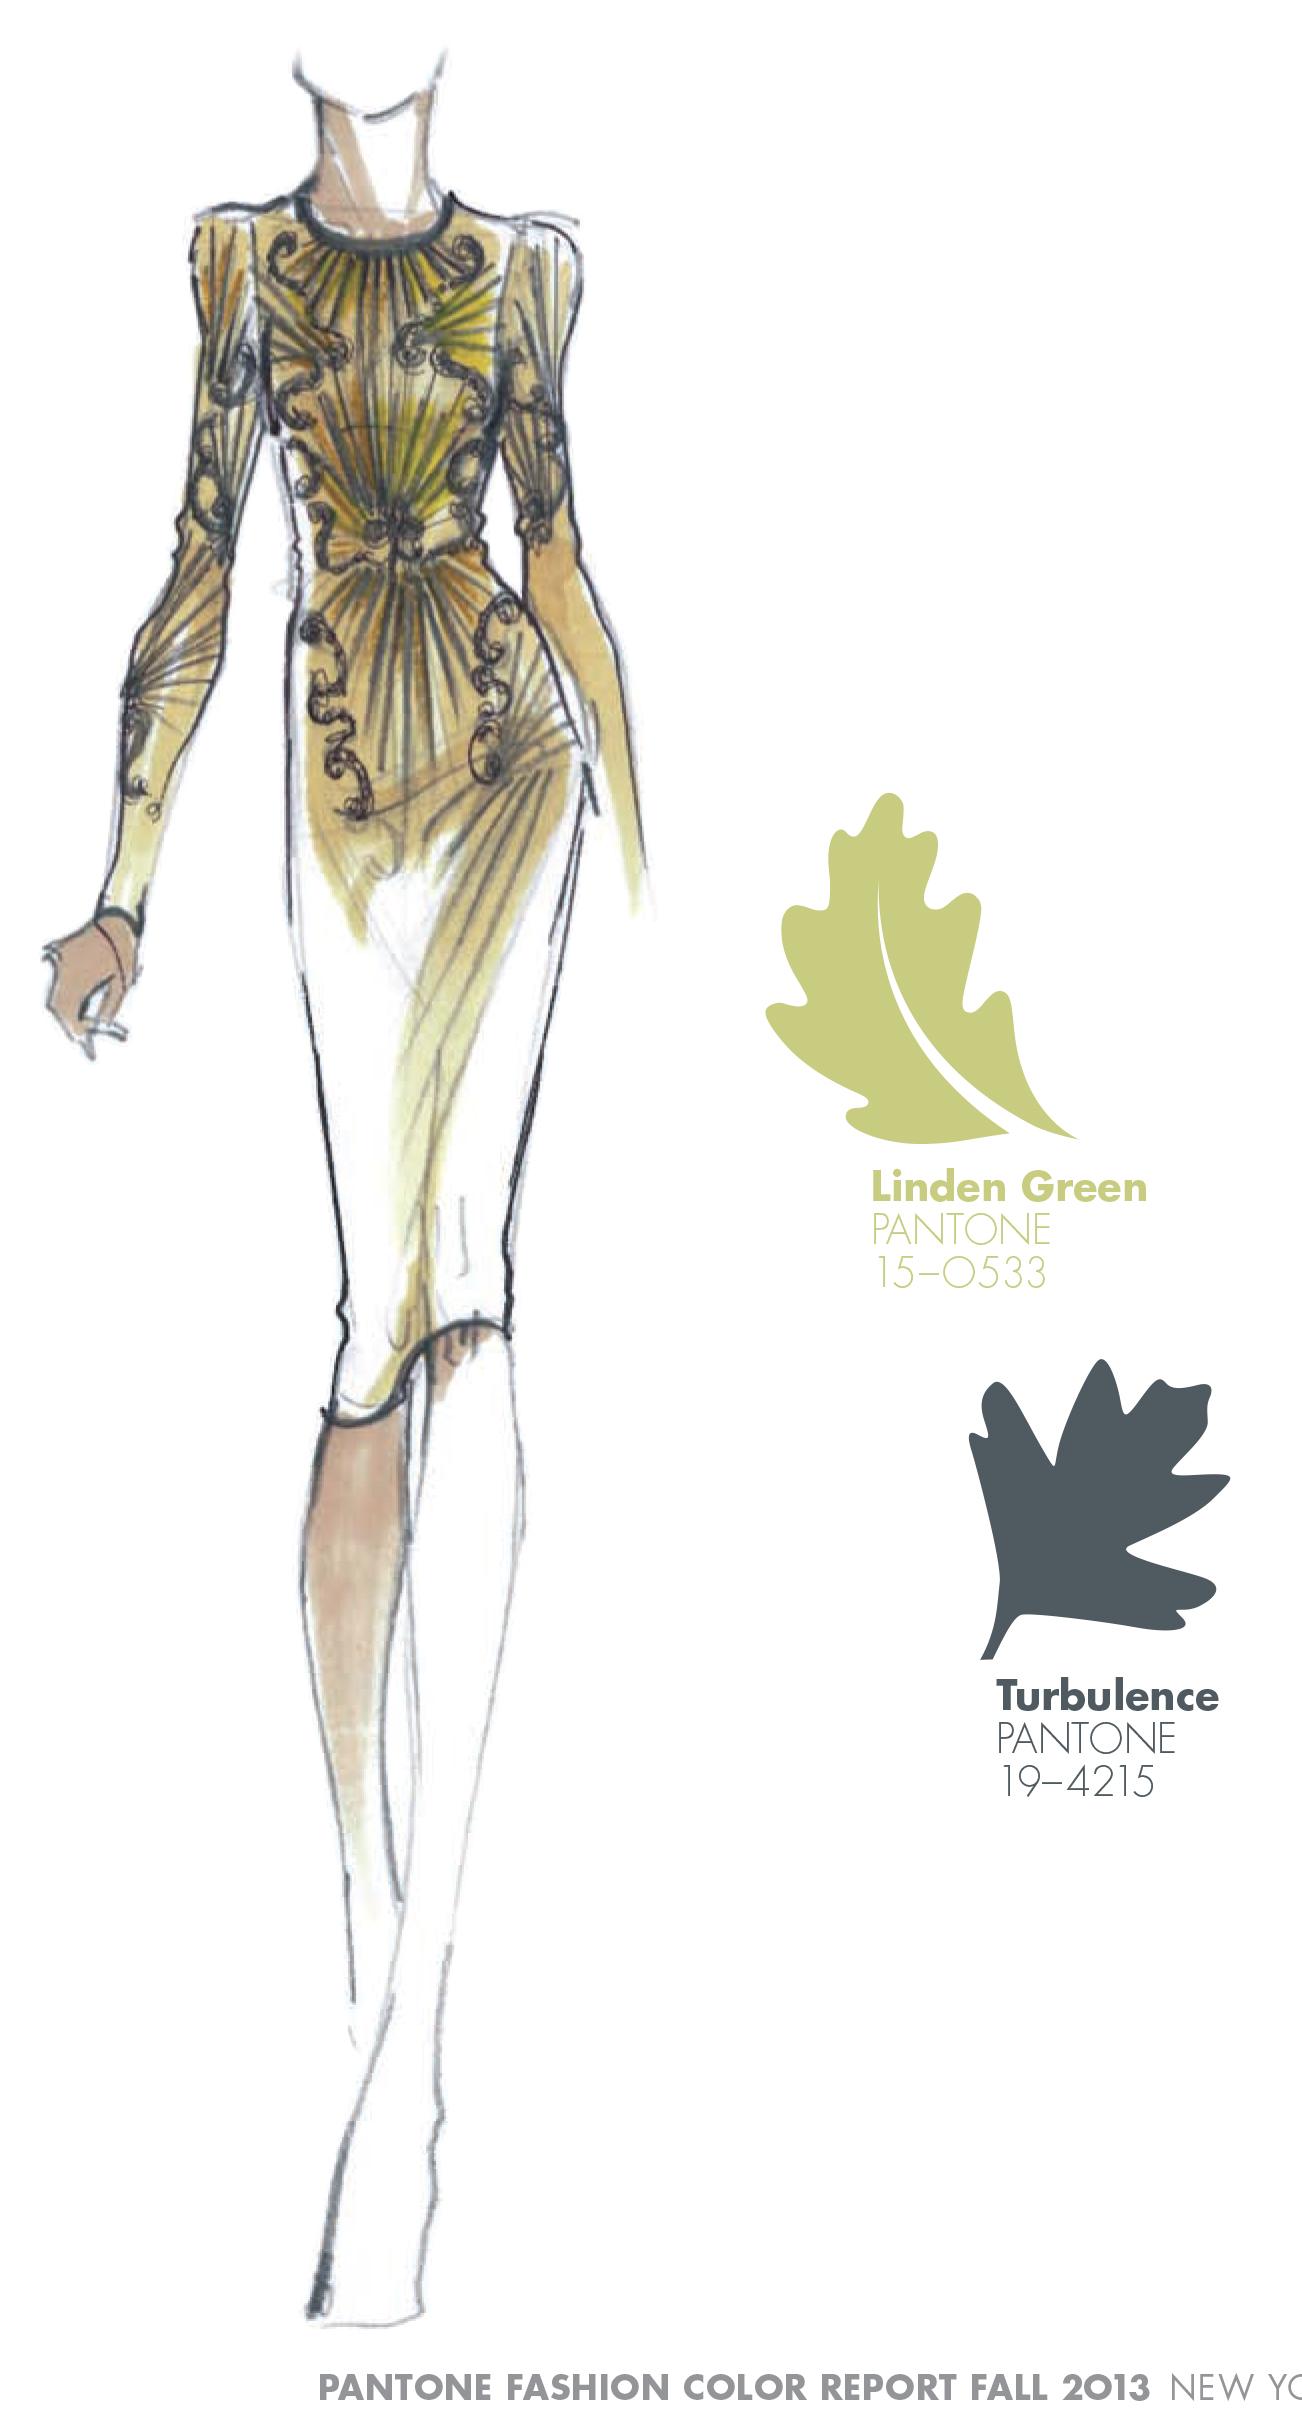 Pantone 15-0533, Linden Green